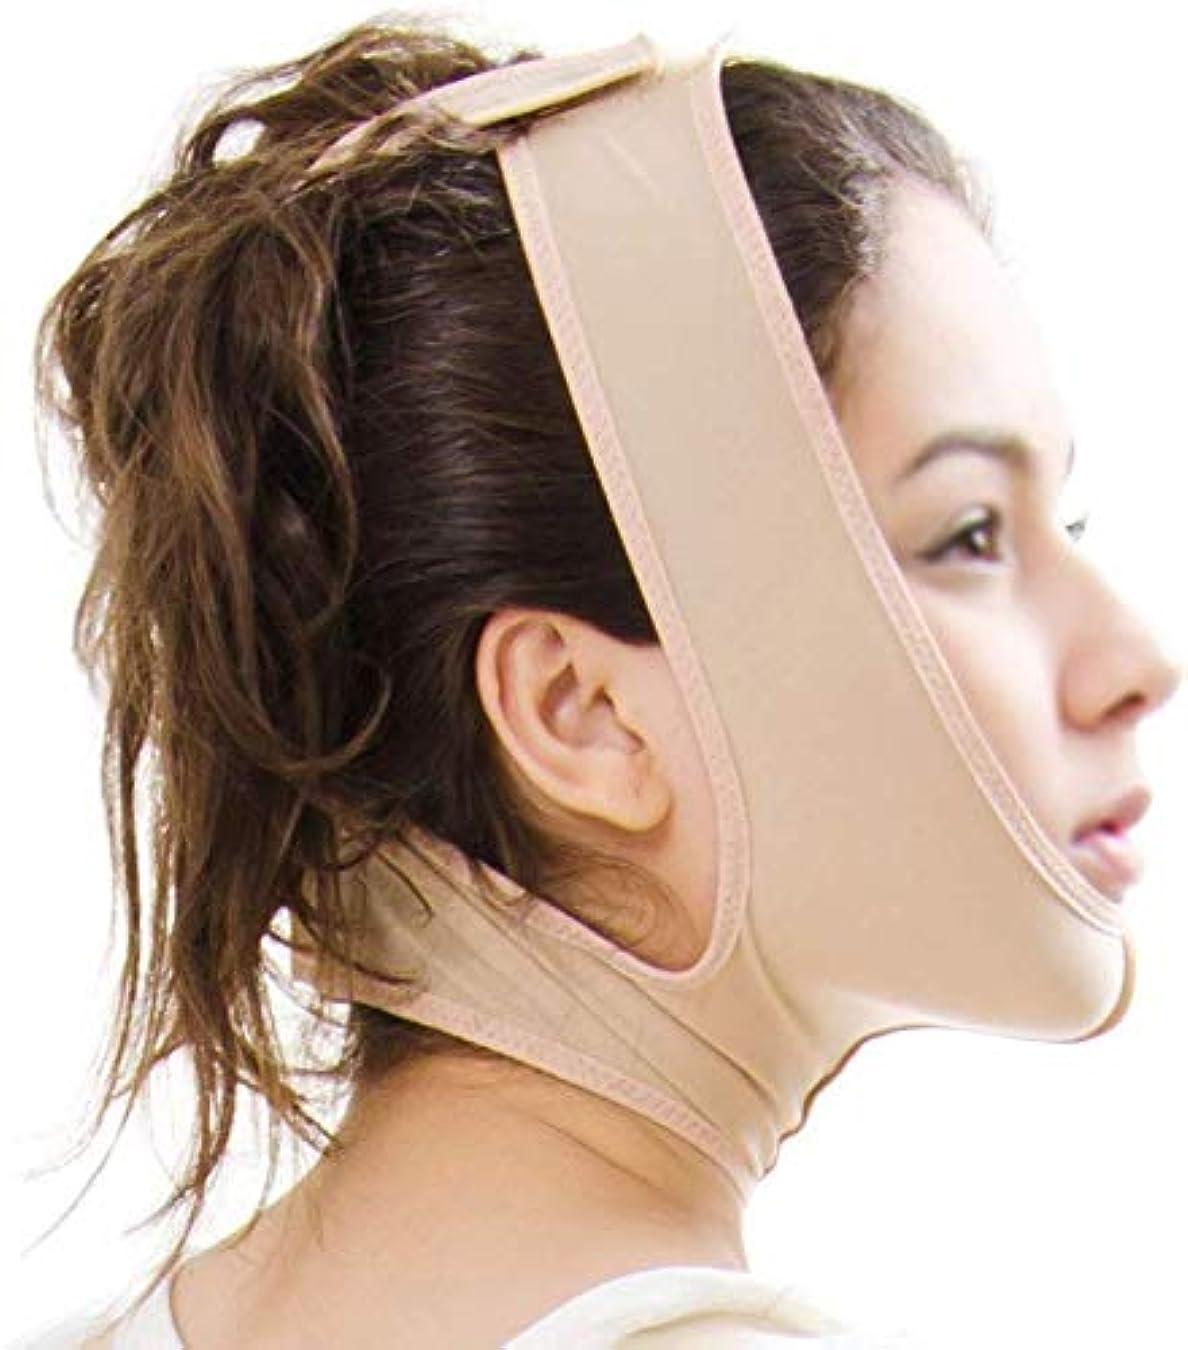 ライム名誉ある火美容と実用的なリフティング包帯、あごの首とあごの二重あごの顔、脂肪吸引術、術後創傷マスク(サイズ:M)